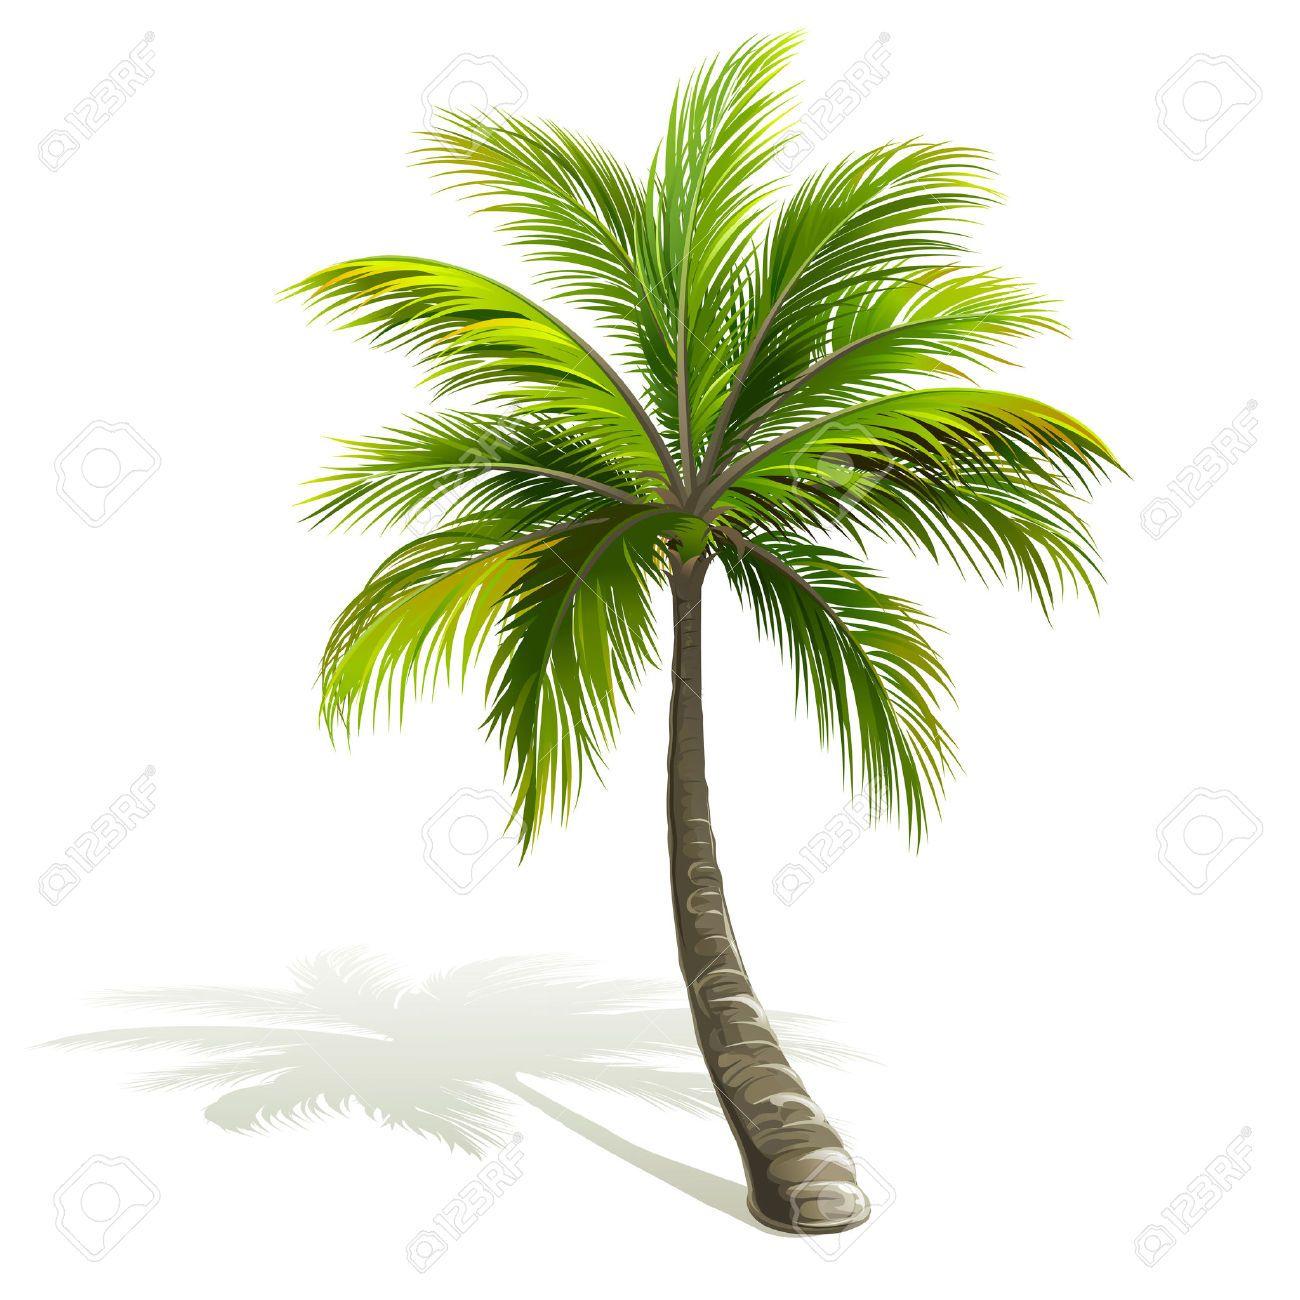 Botanical Home Decor Afbeeldingsresultaat Voor Palmboom Visuals Pinterest